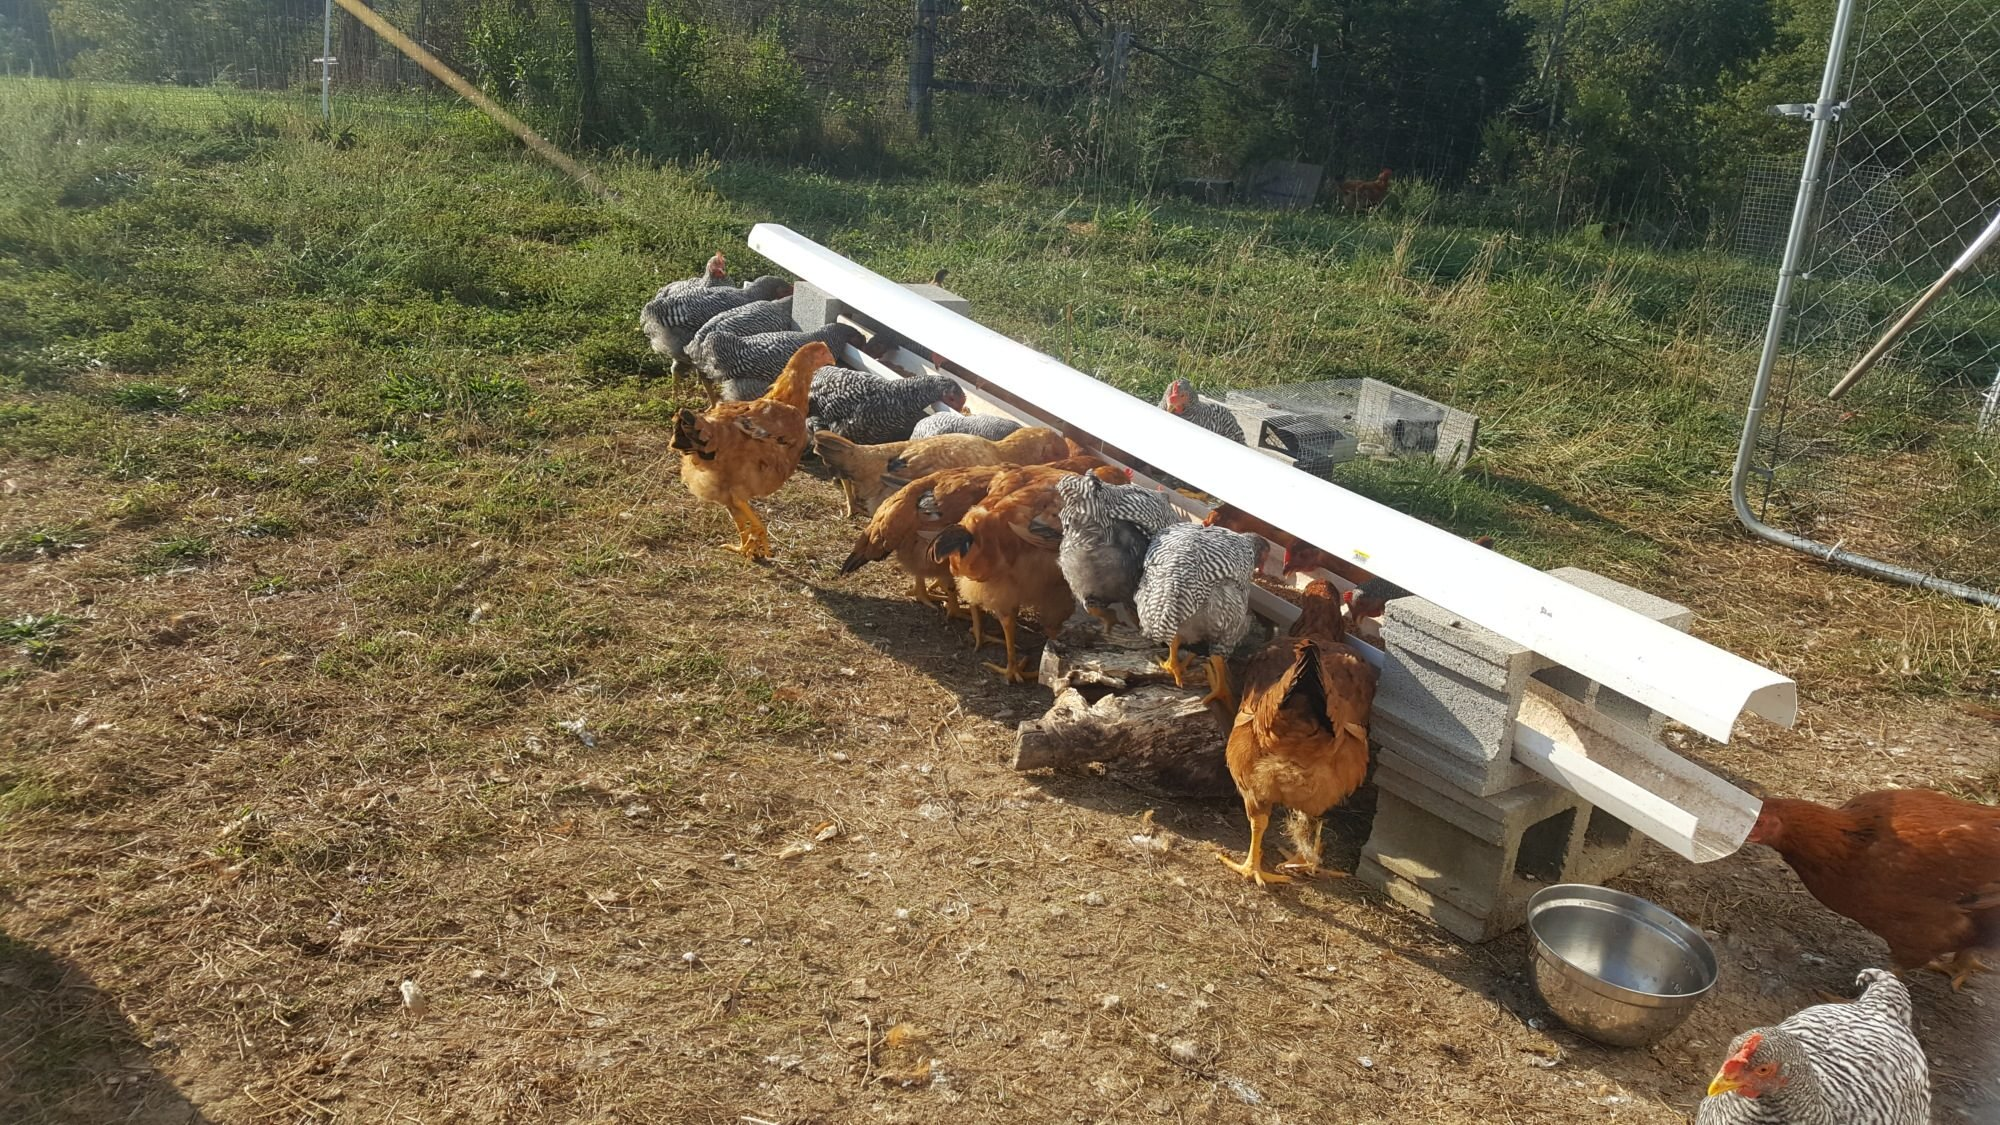 Feeding Trough for animals